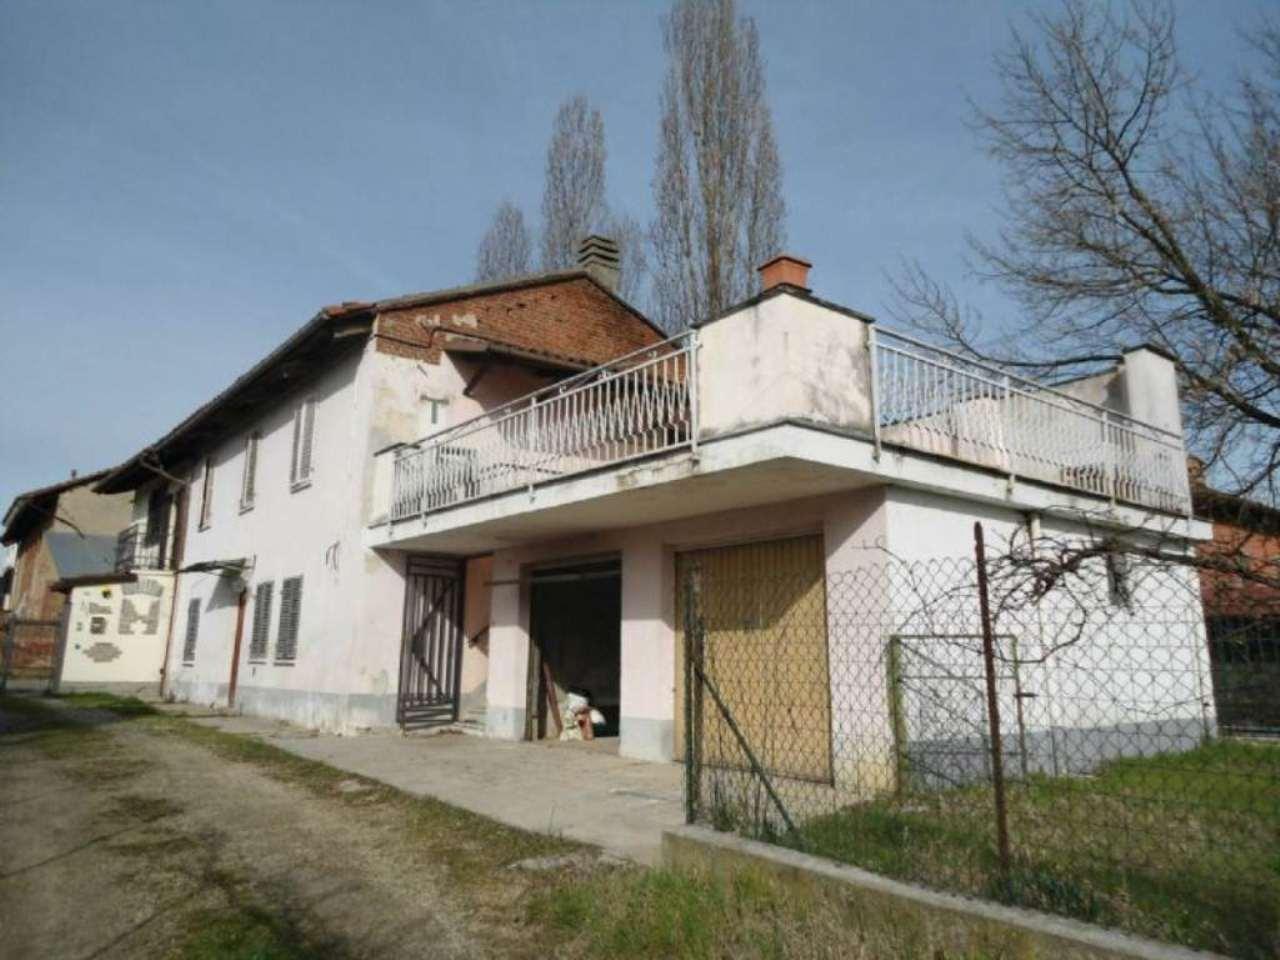 Soluzione Indipendente in vendita a Dusino San Michele, 5 locali, prezzo € 60.000 | Cambio Casa.it